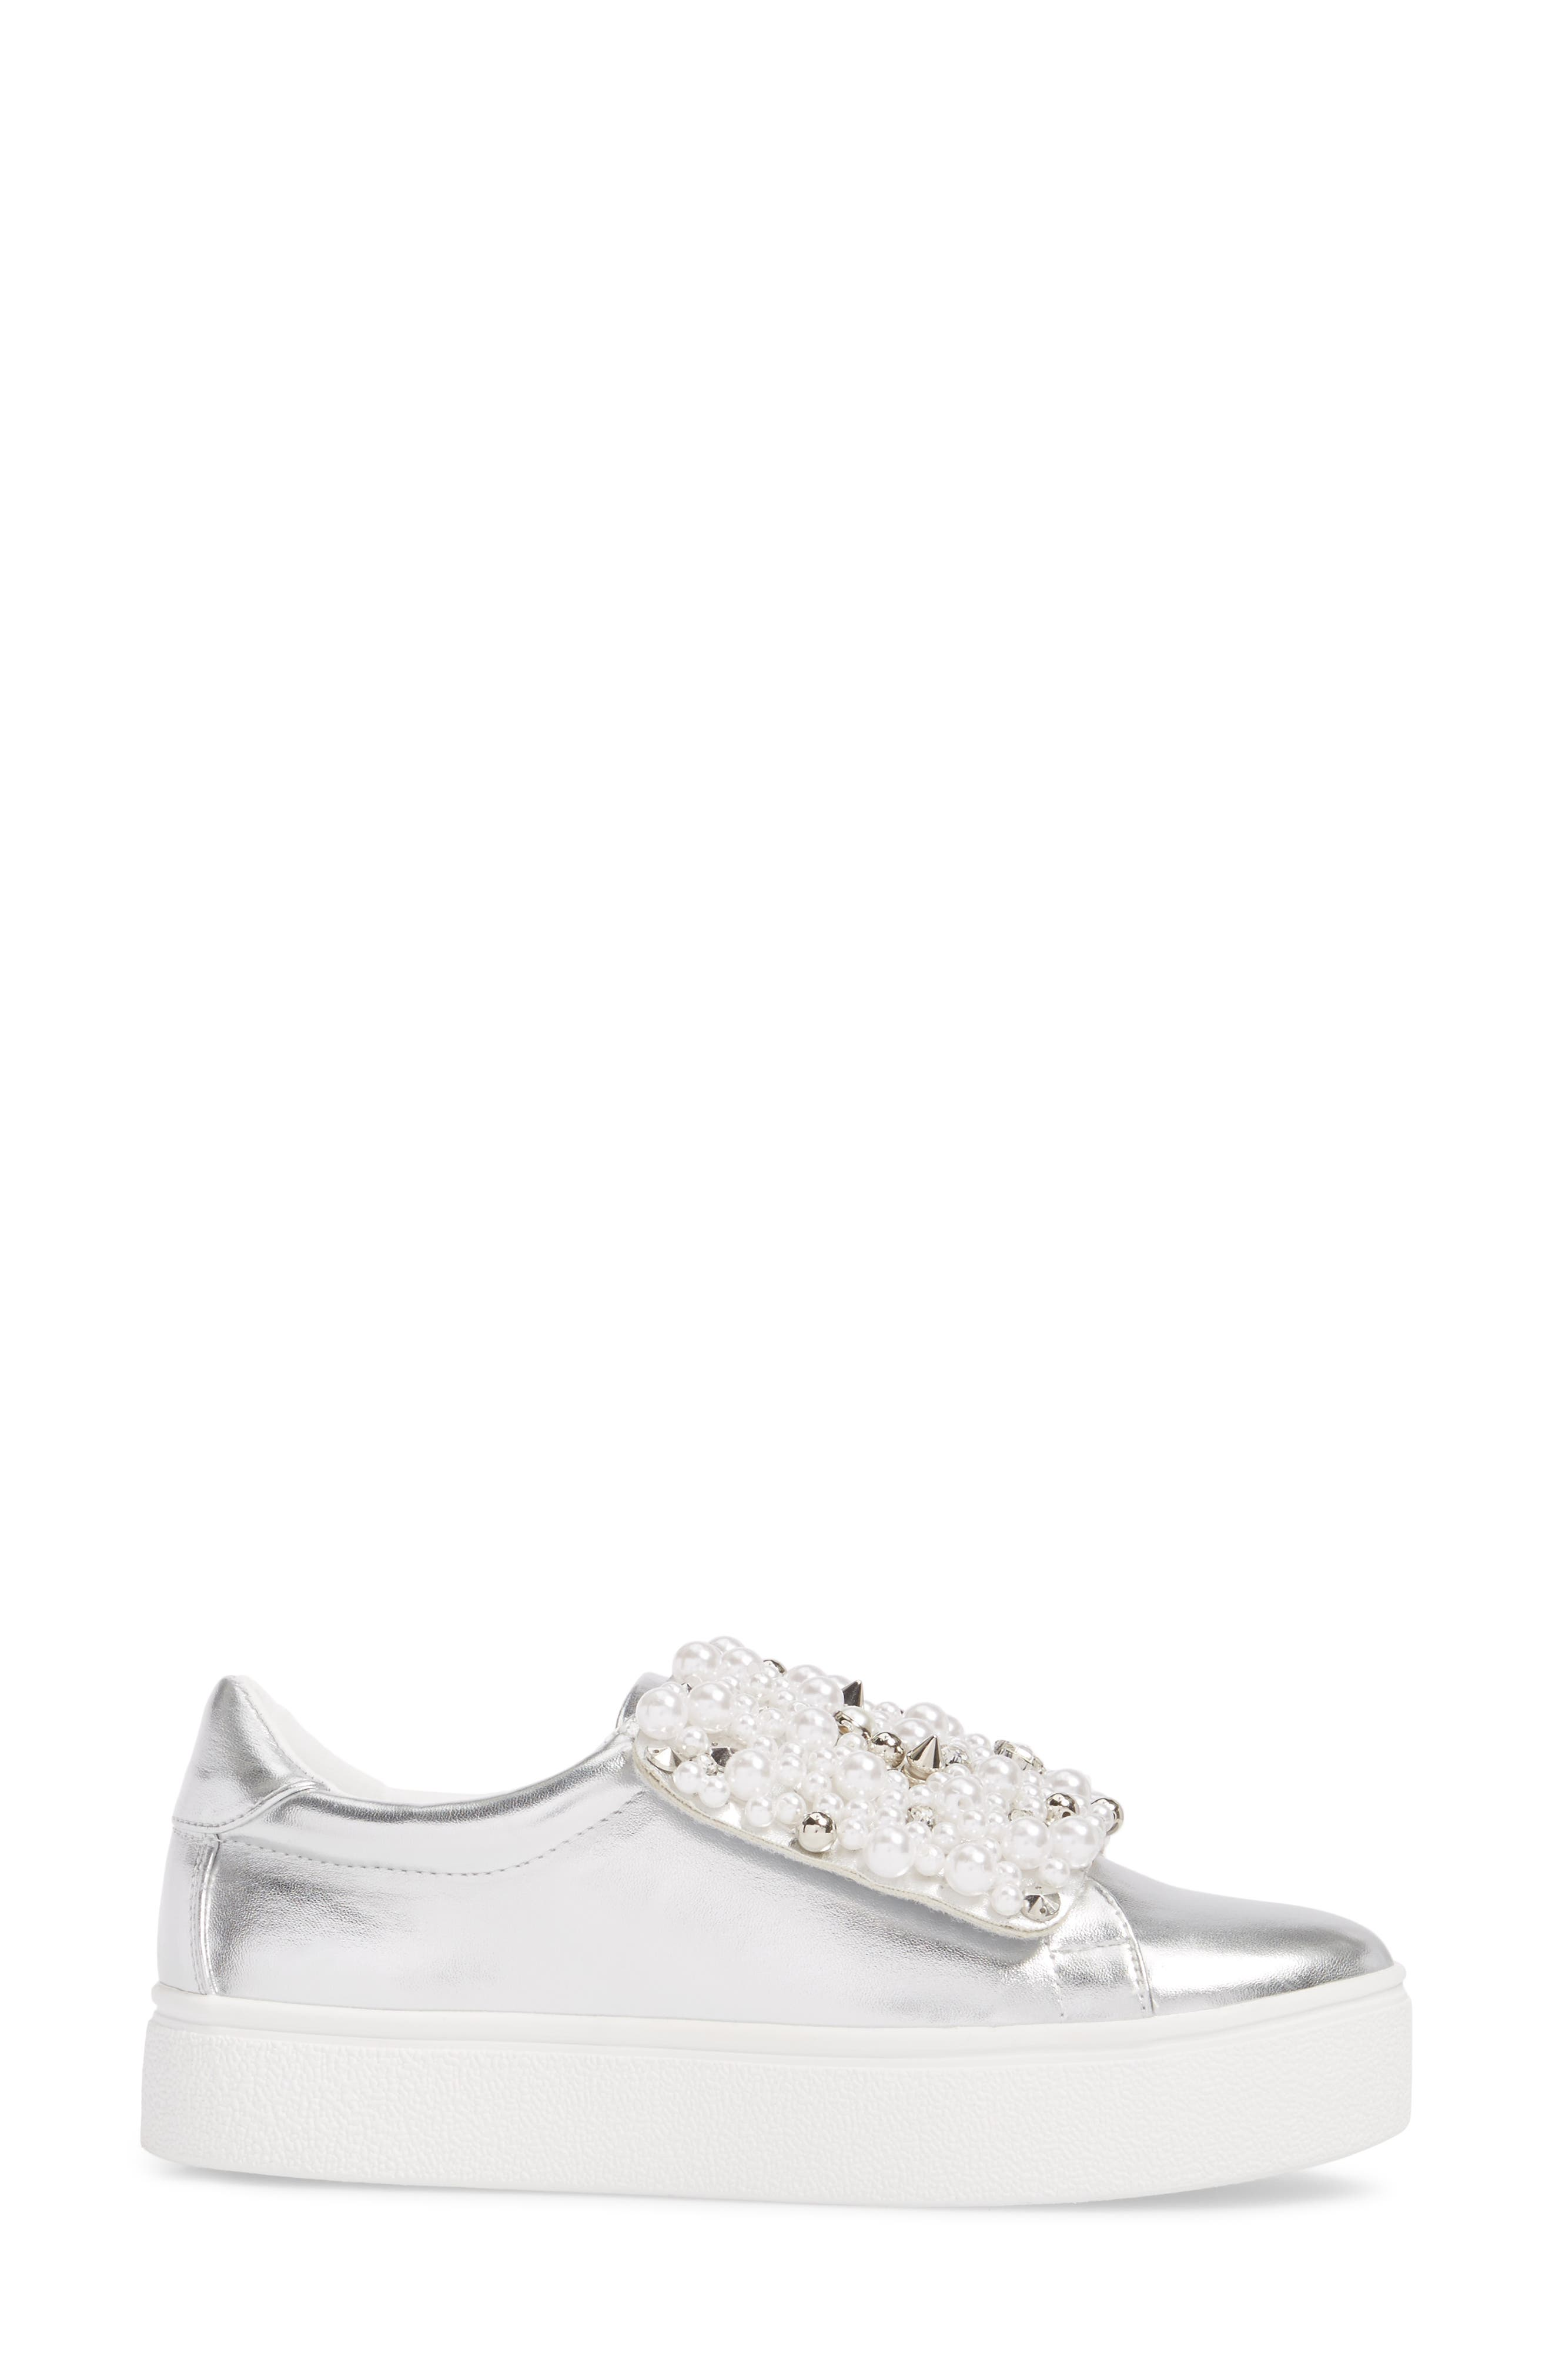 Lion Embellished Slip-On Platform Sneaker,                             Alternate thumbnail 3, color,                             Silver Faux Leather